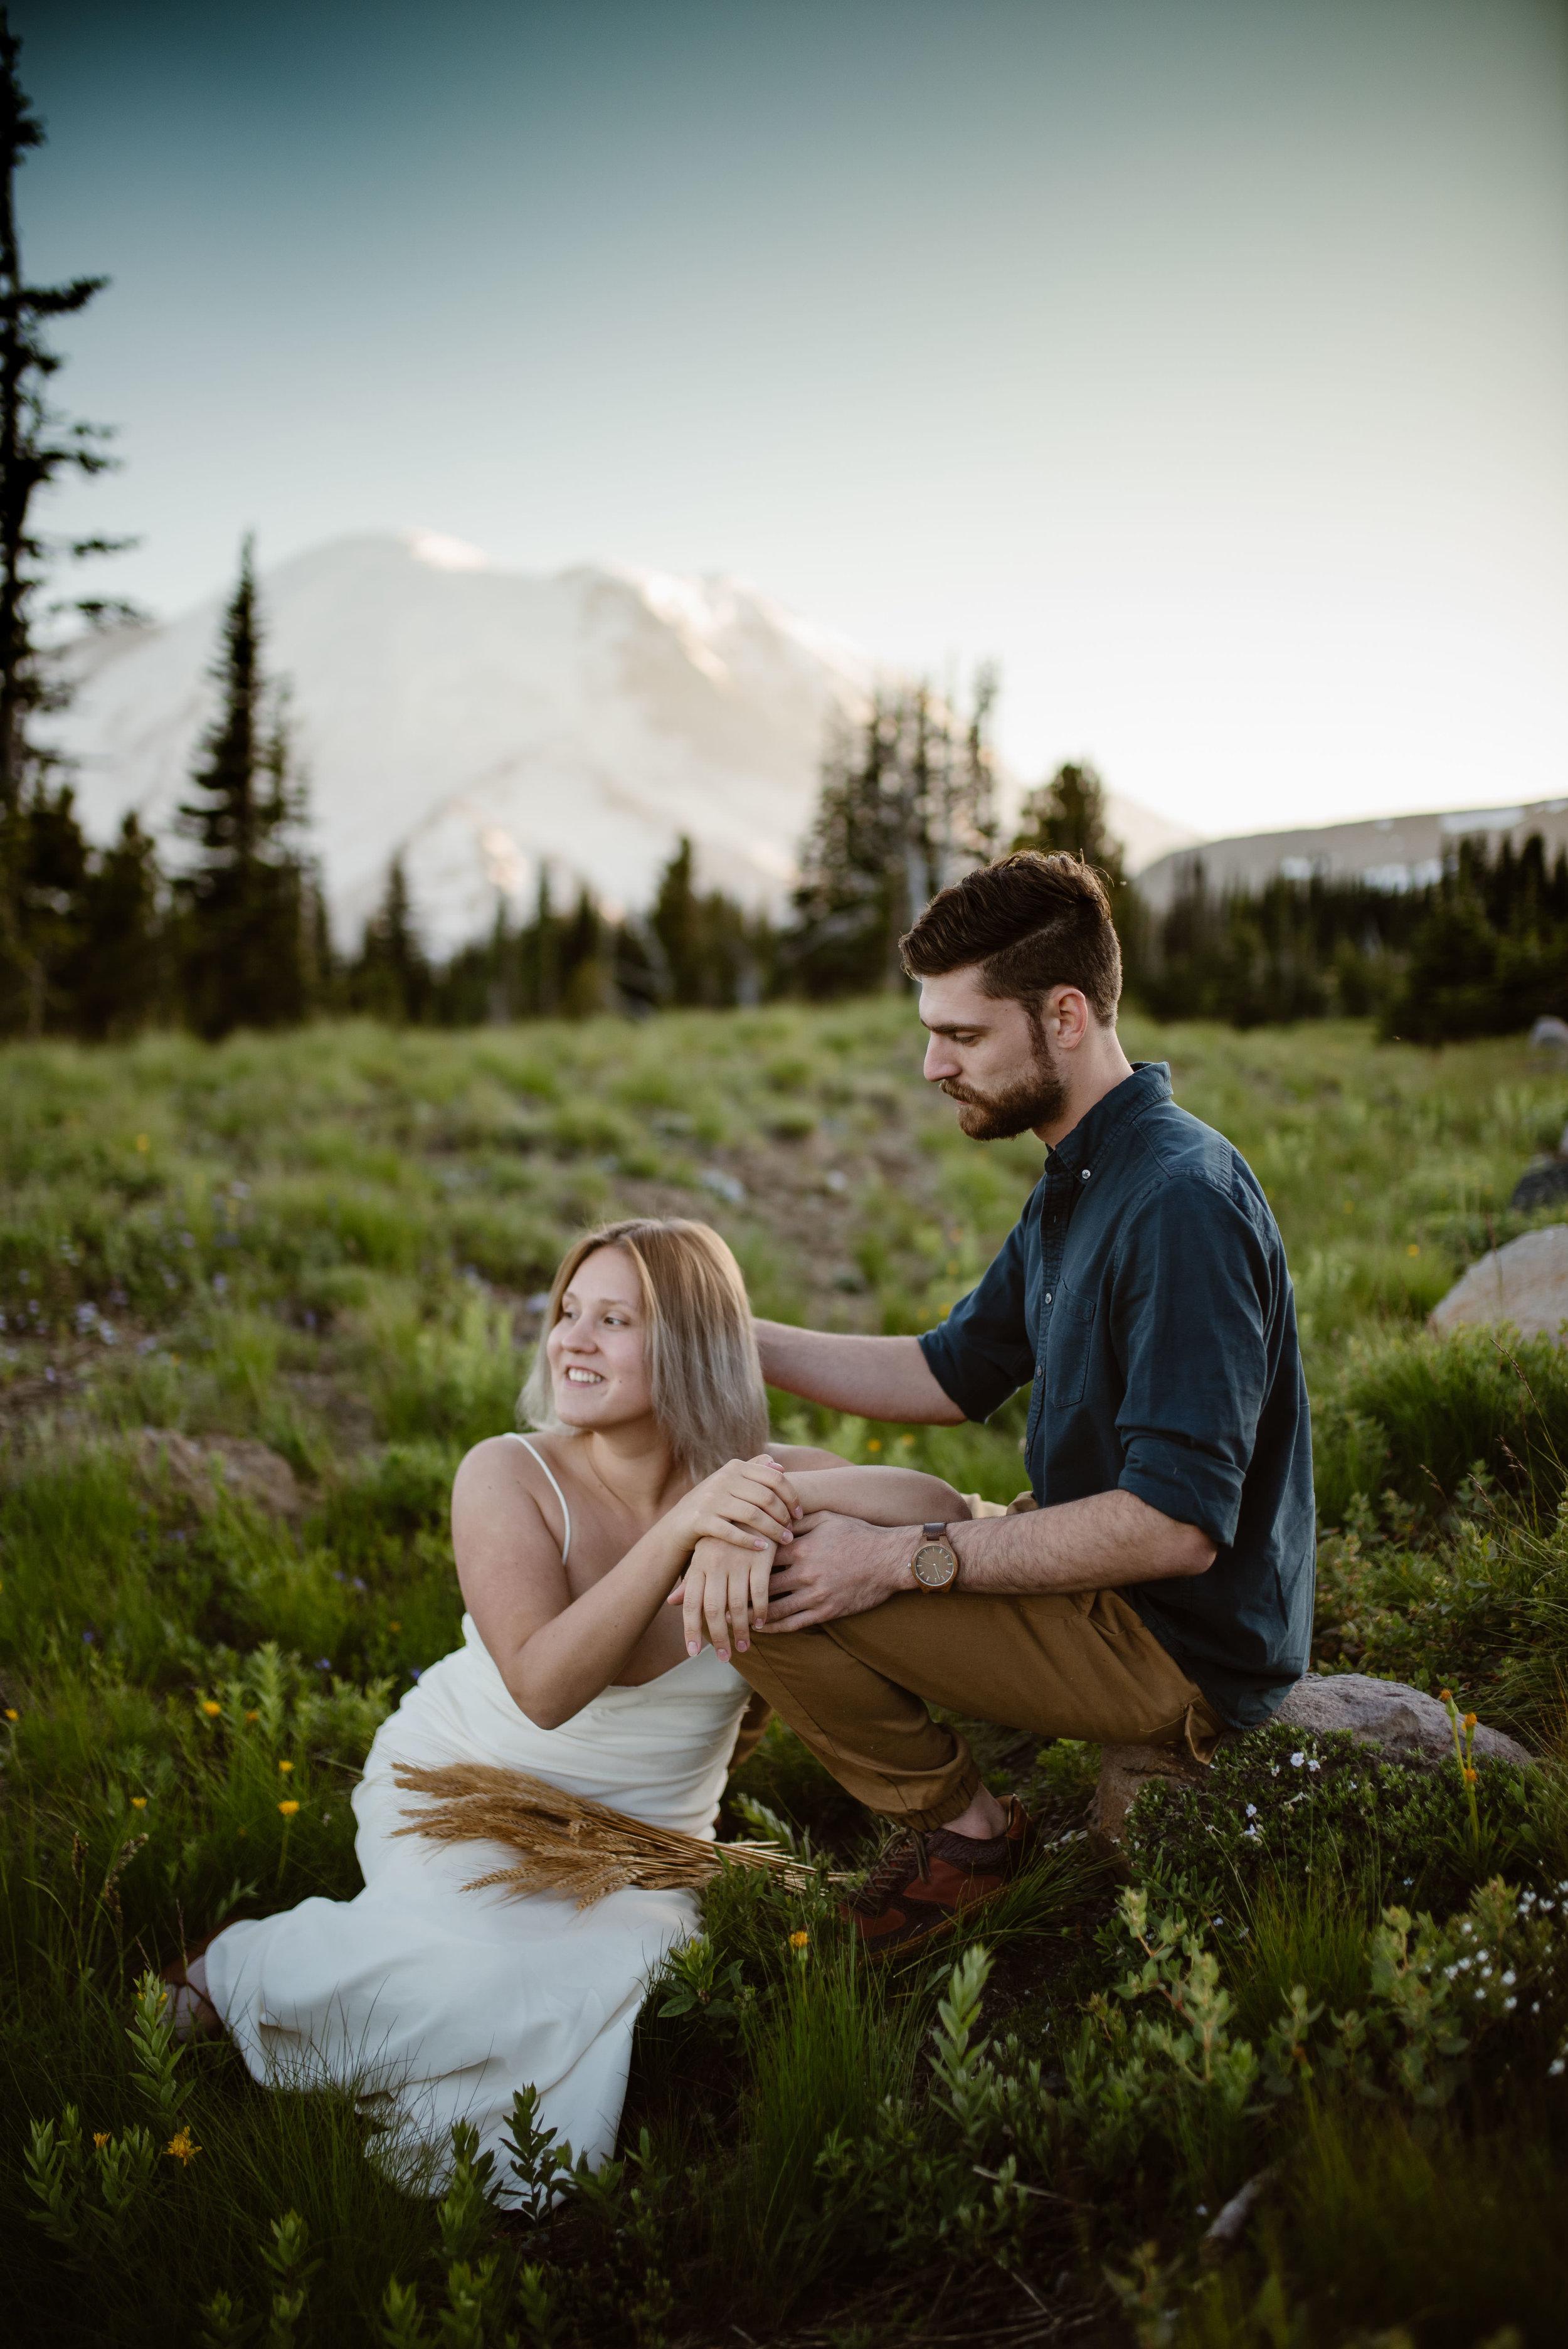 mount-rainier-elopement-packages